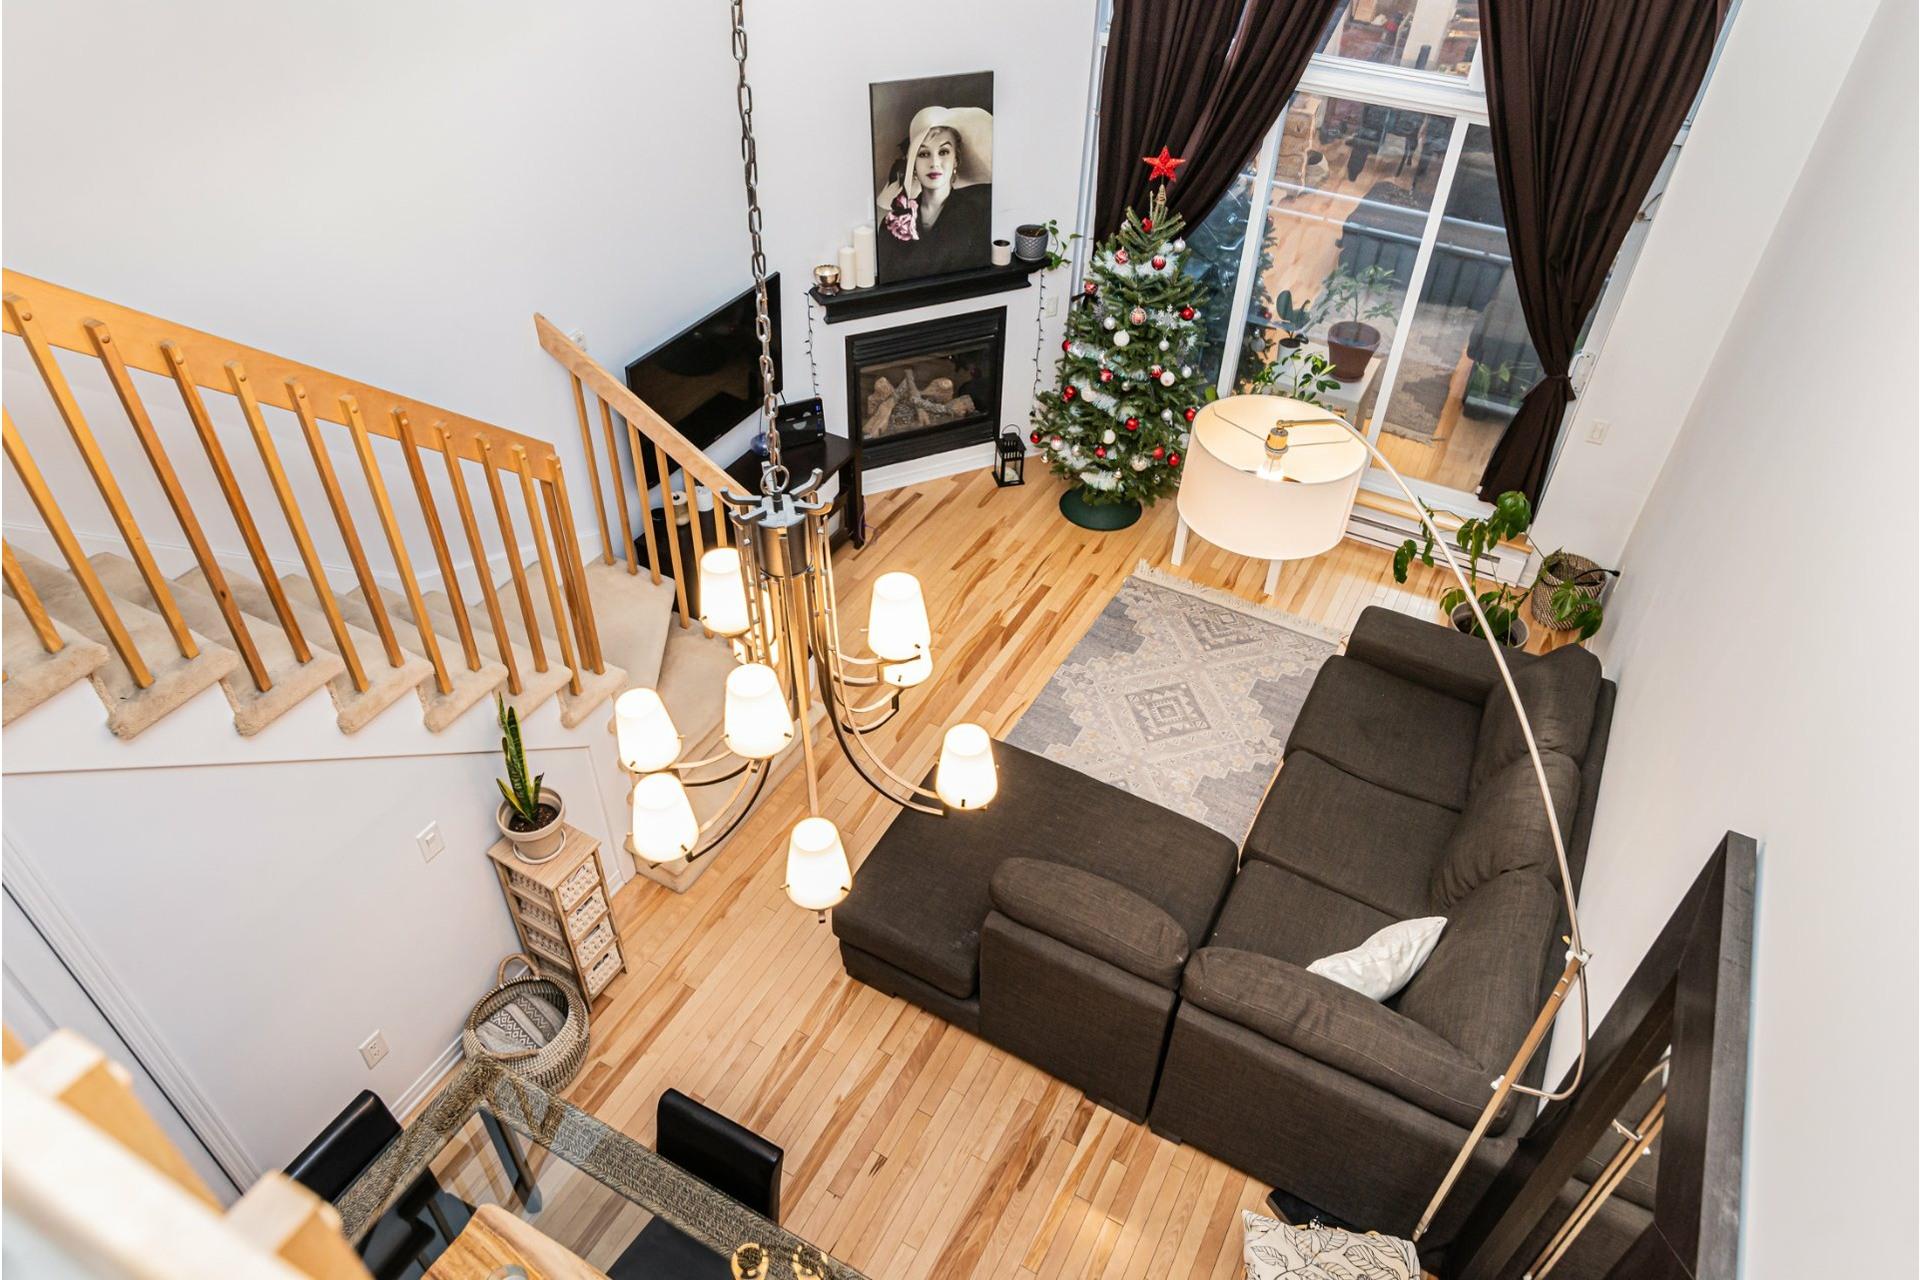 image 7 - Apartment For sale Lachine Montréal  - 5 rooms